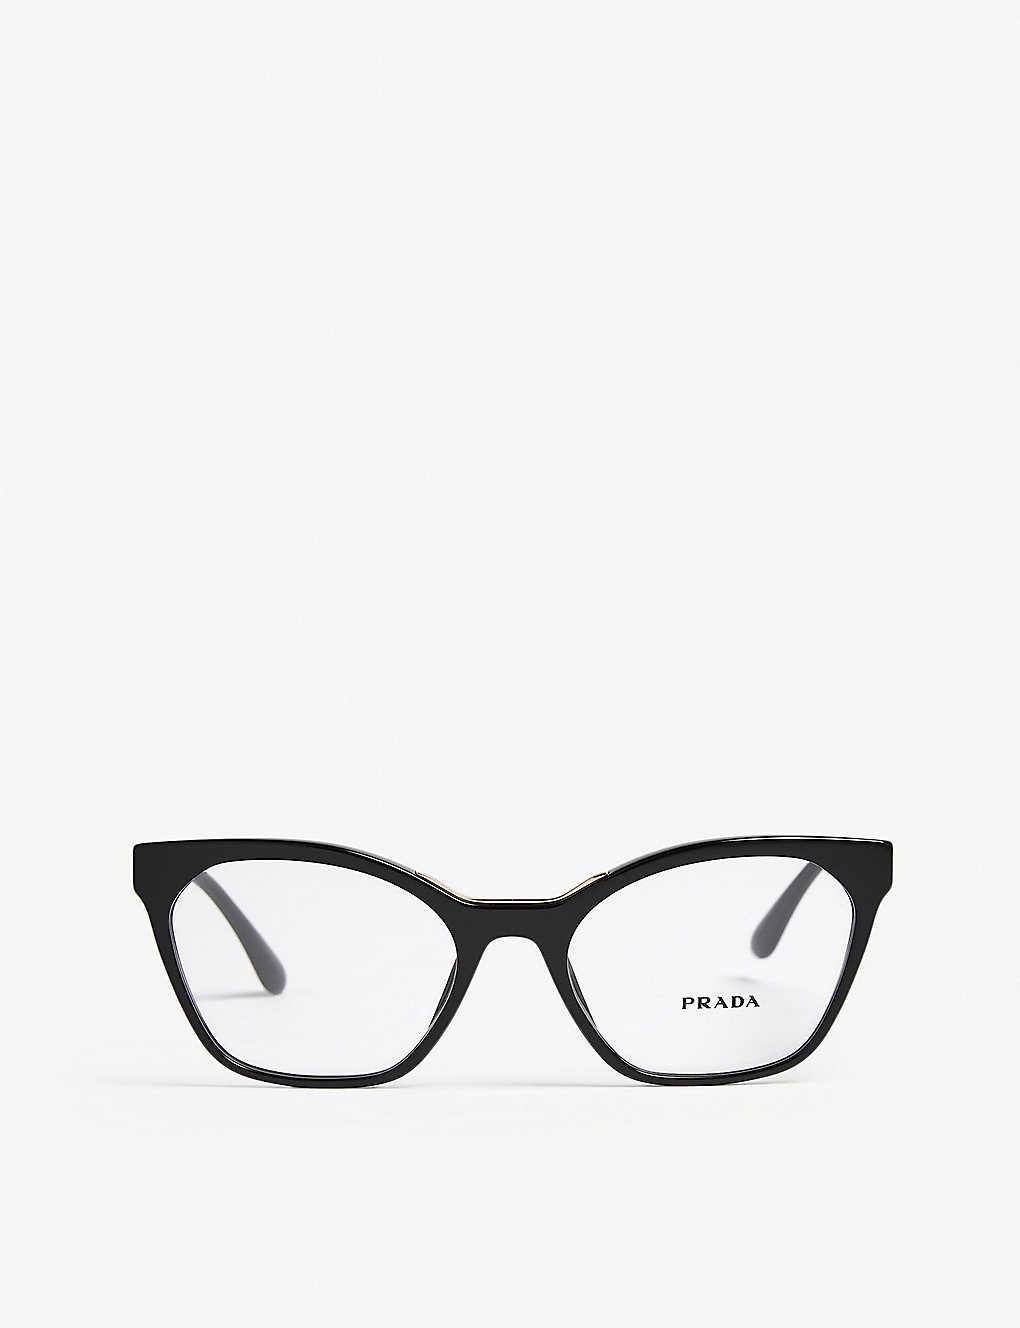 9823d03178 PRADA - PR09UV cat-eye-frame glasses